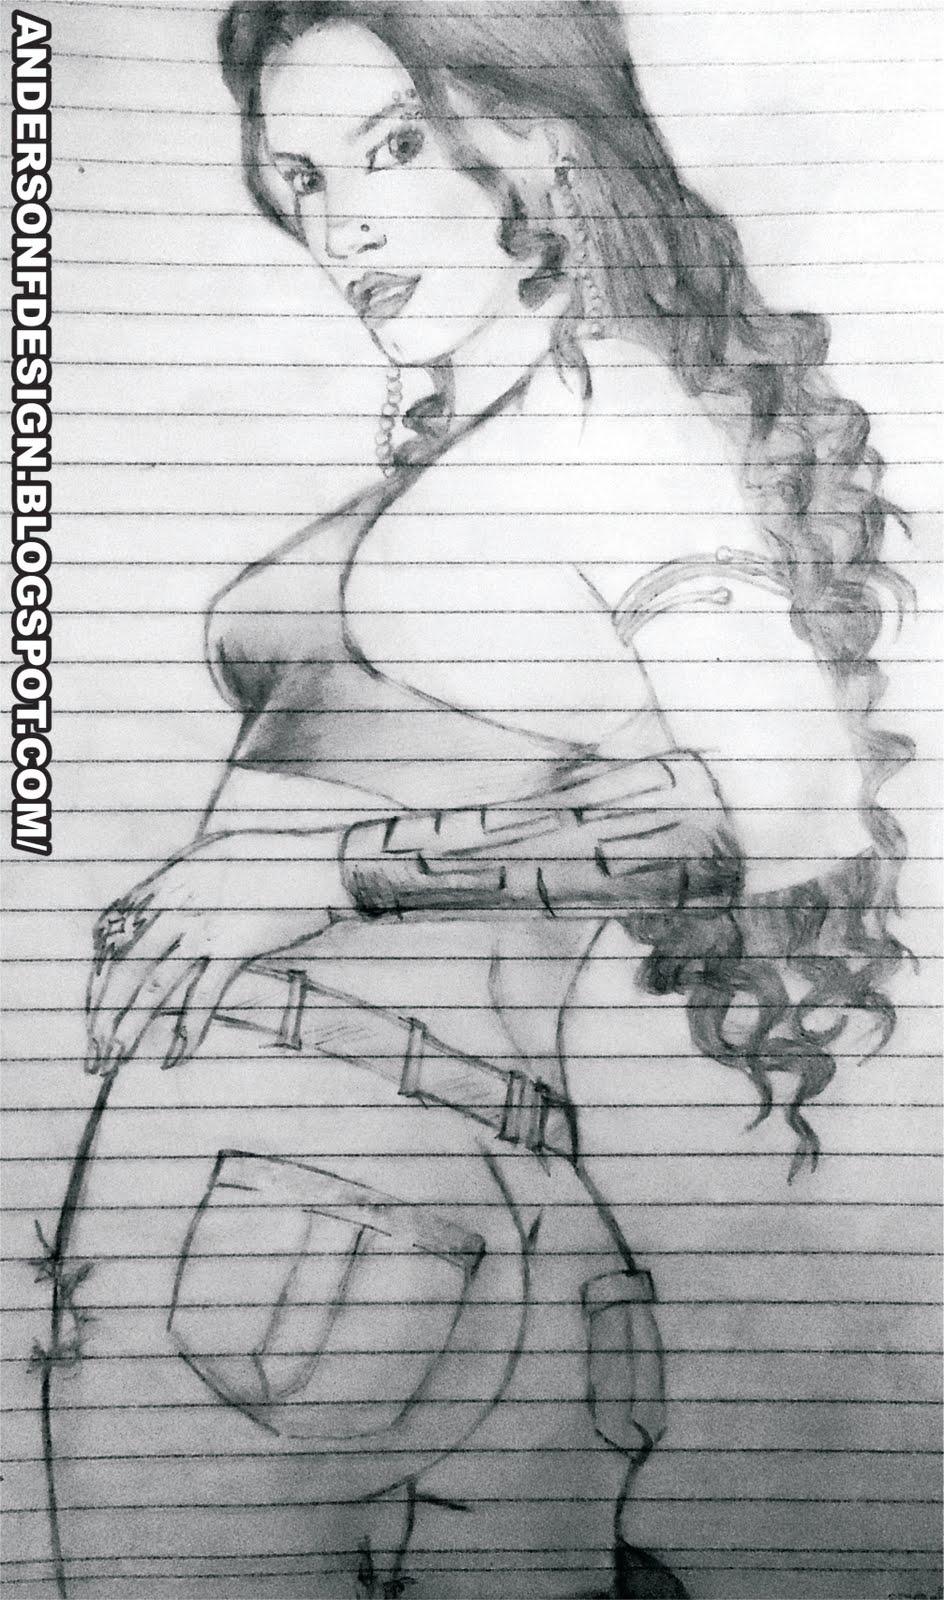 Imagens De Desenho De Mulher Feito A Mão